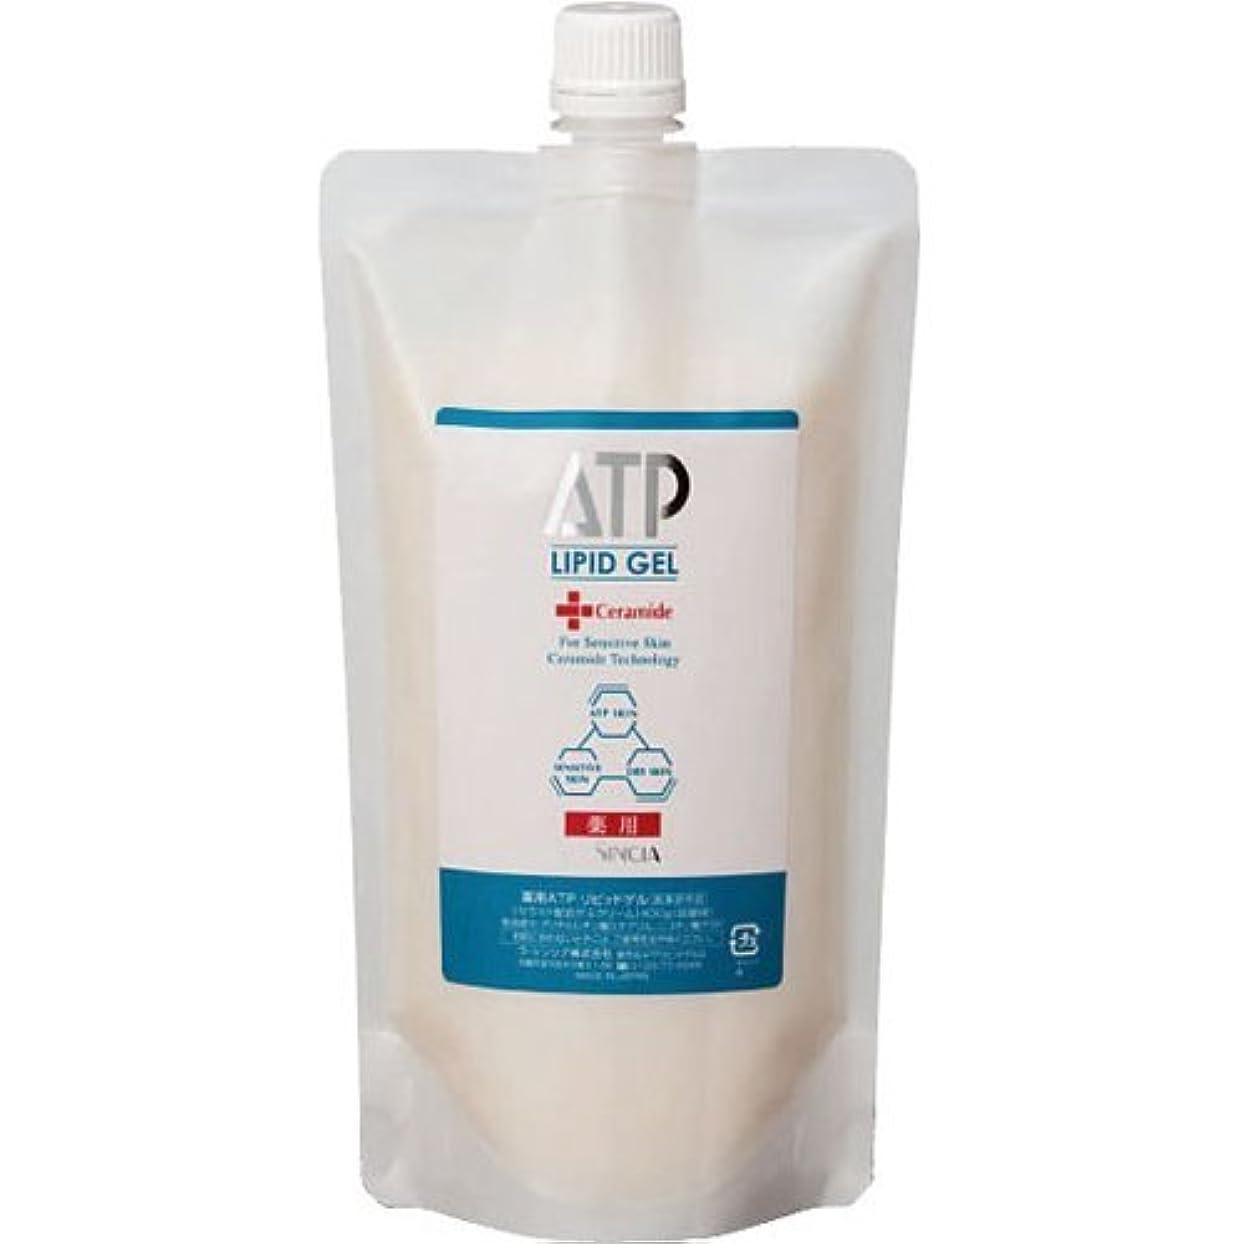 ライラック土不健全ラシンシア 薬用ATPリピッドゲル 400g(詰替用) 【セラミド配合ゲルクリーム】